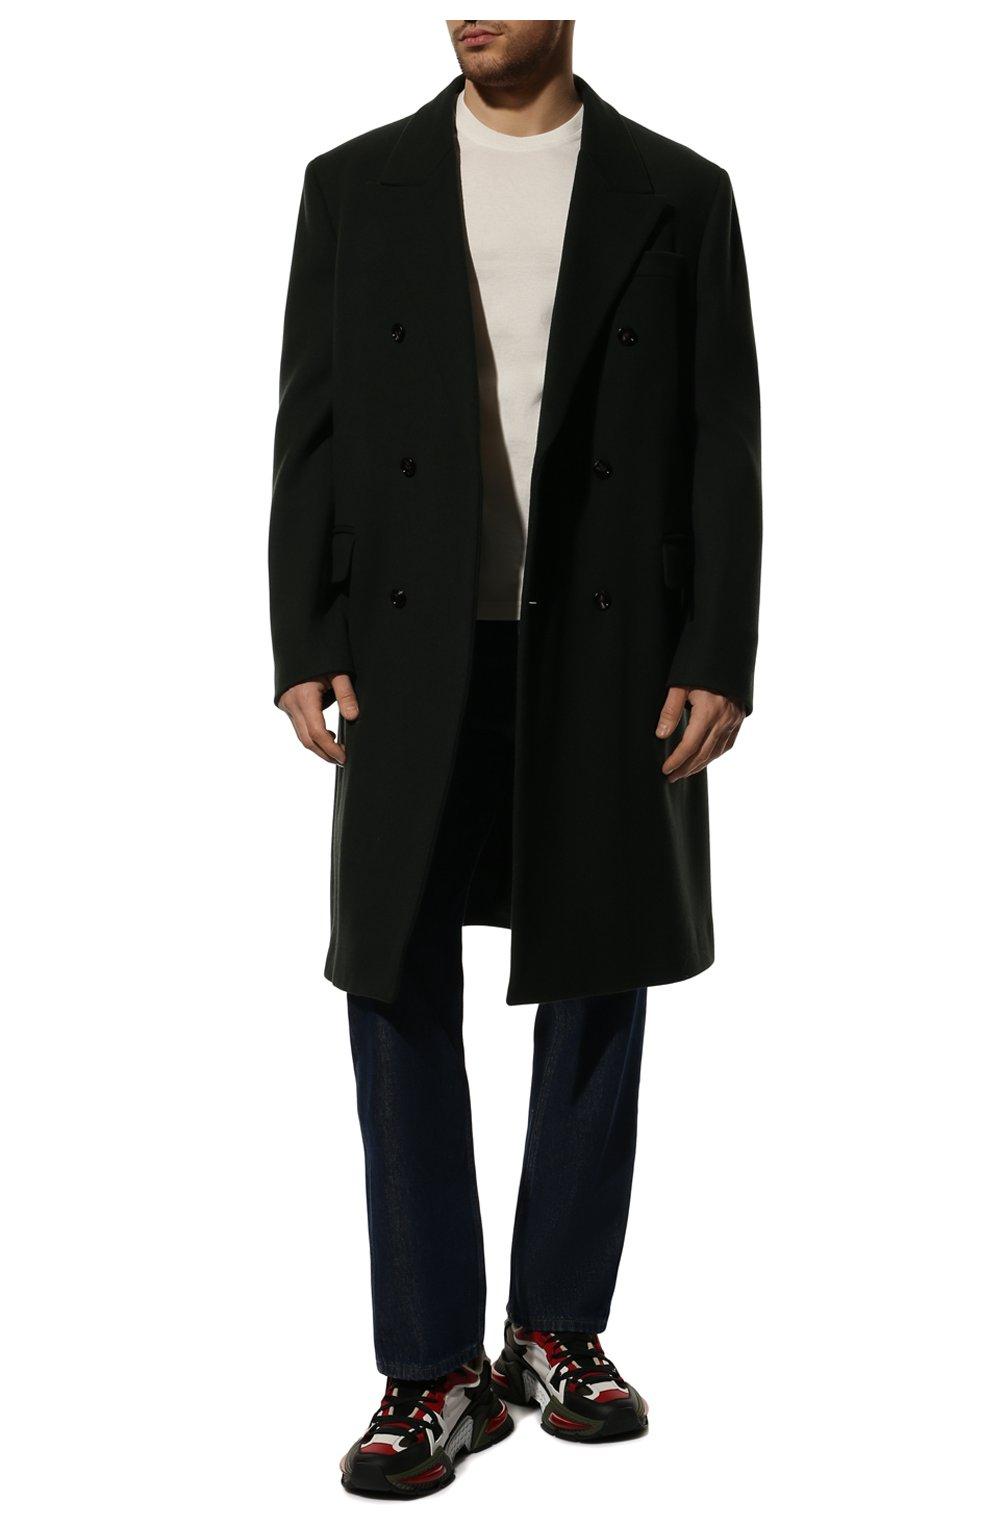 Мужская хлопковая футболка BOTTEGA VENETA белого цвета, арт. 649055/VF1U0 | Фото 2 (Принт: Без принта; Рукава: Короткие; Длина (для топов): Стандартные; Мужское Кросс-КТ: Футболка-одежда; Материал внешний: Хлопок; Стили: Минимализм)